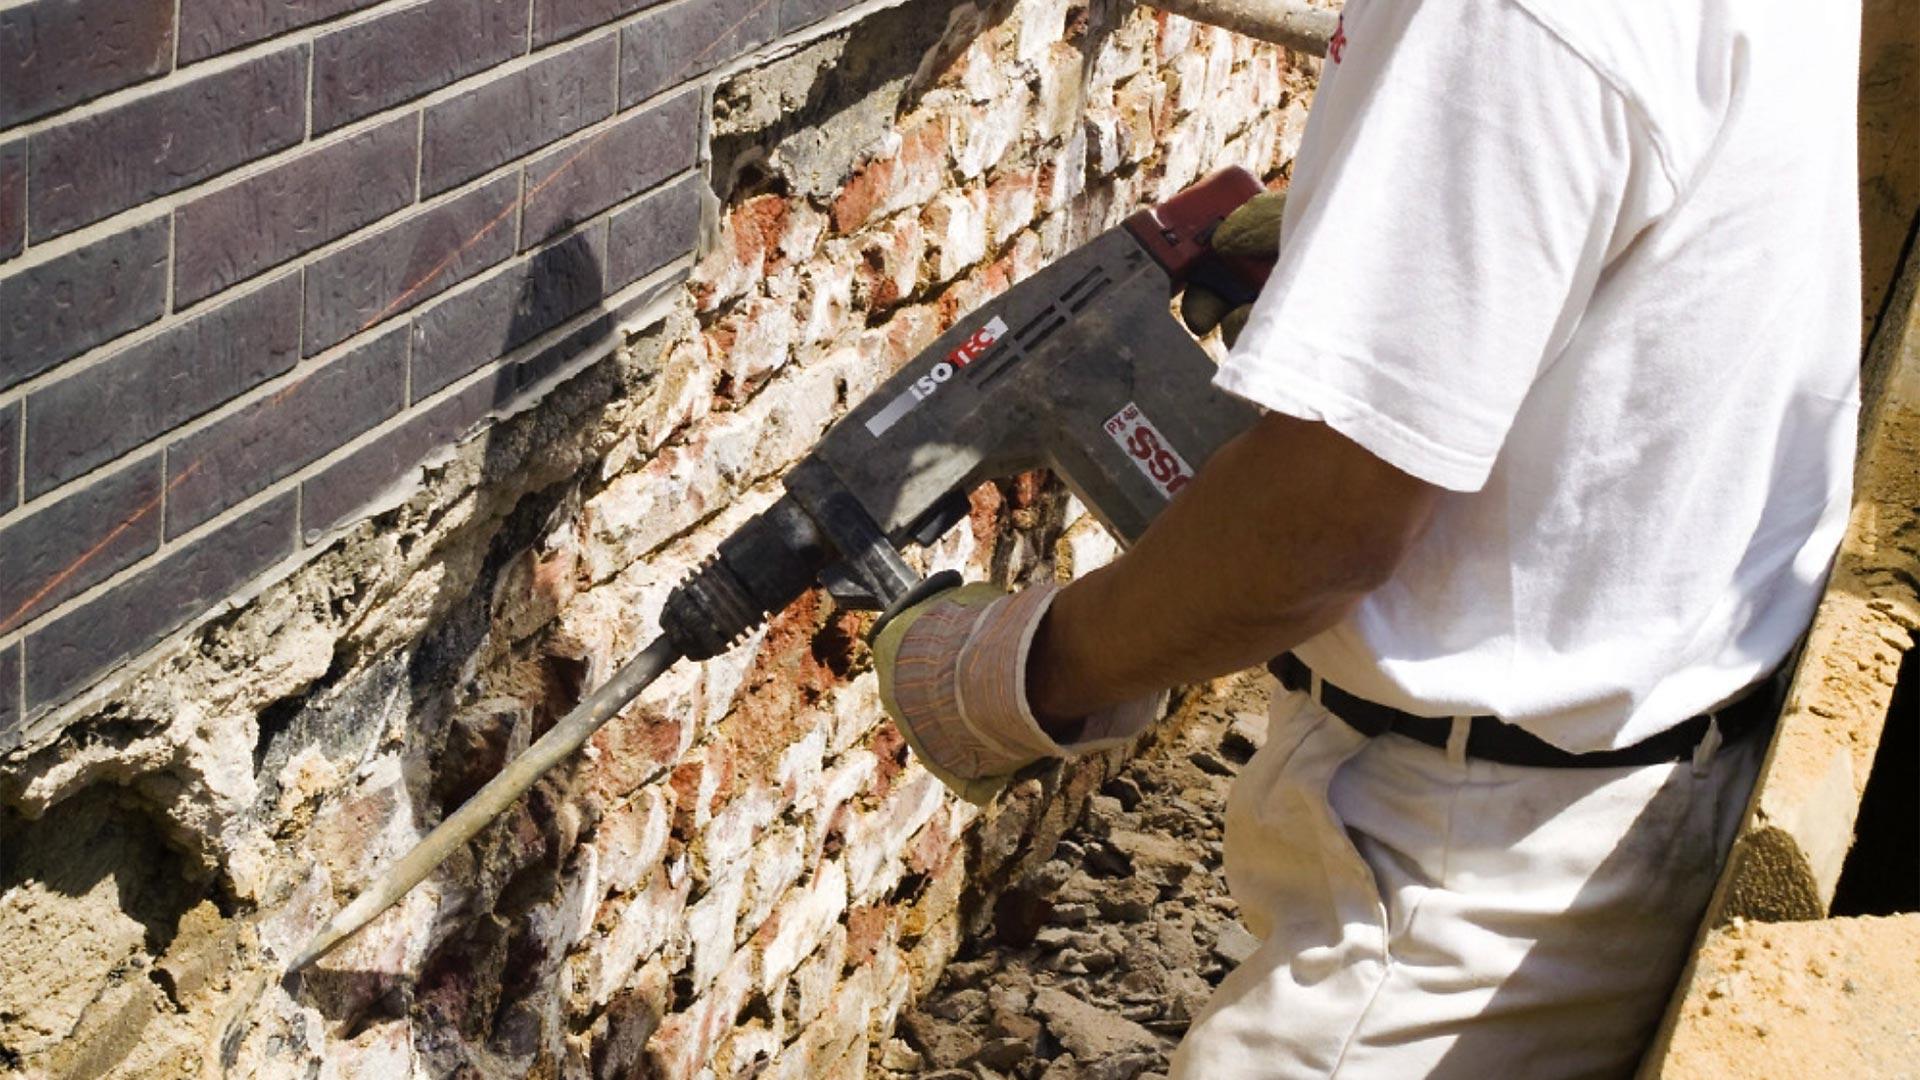 ISOTEC Fachbetrieb Region Hannover Abdichtungssysteme Wasserschadensanierung Mauertrockenlegung 09